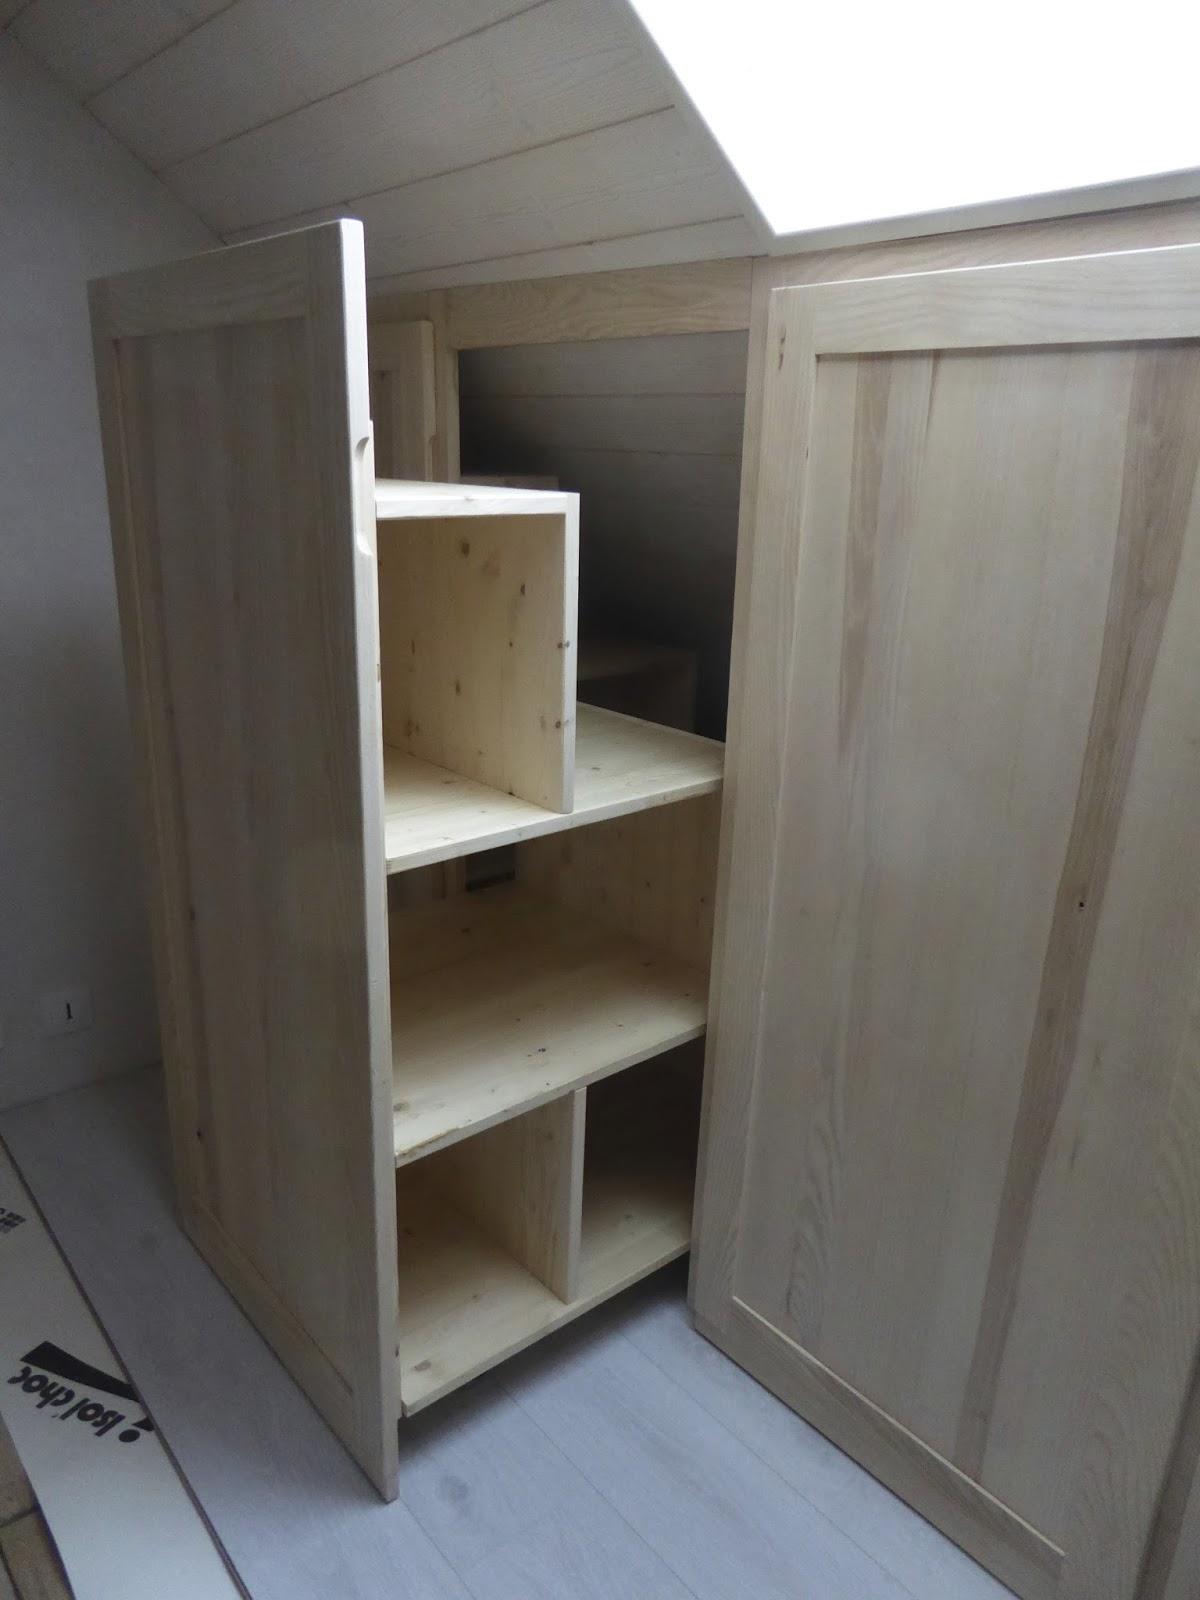 A contre fil fabrication meubles bois am nagement for Fabrication meuble bois